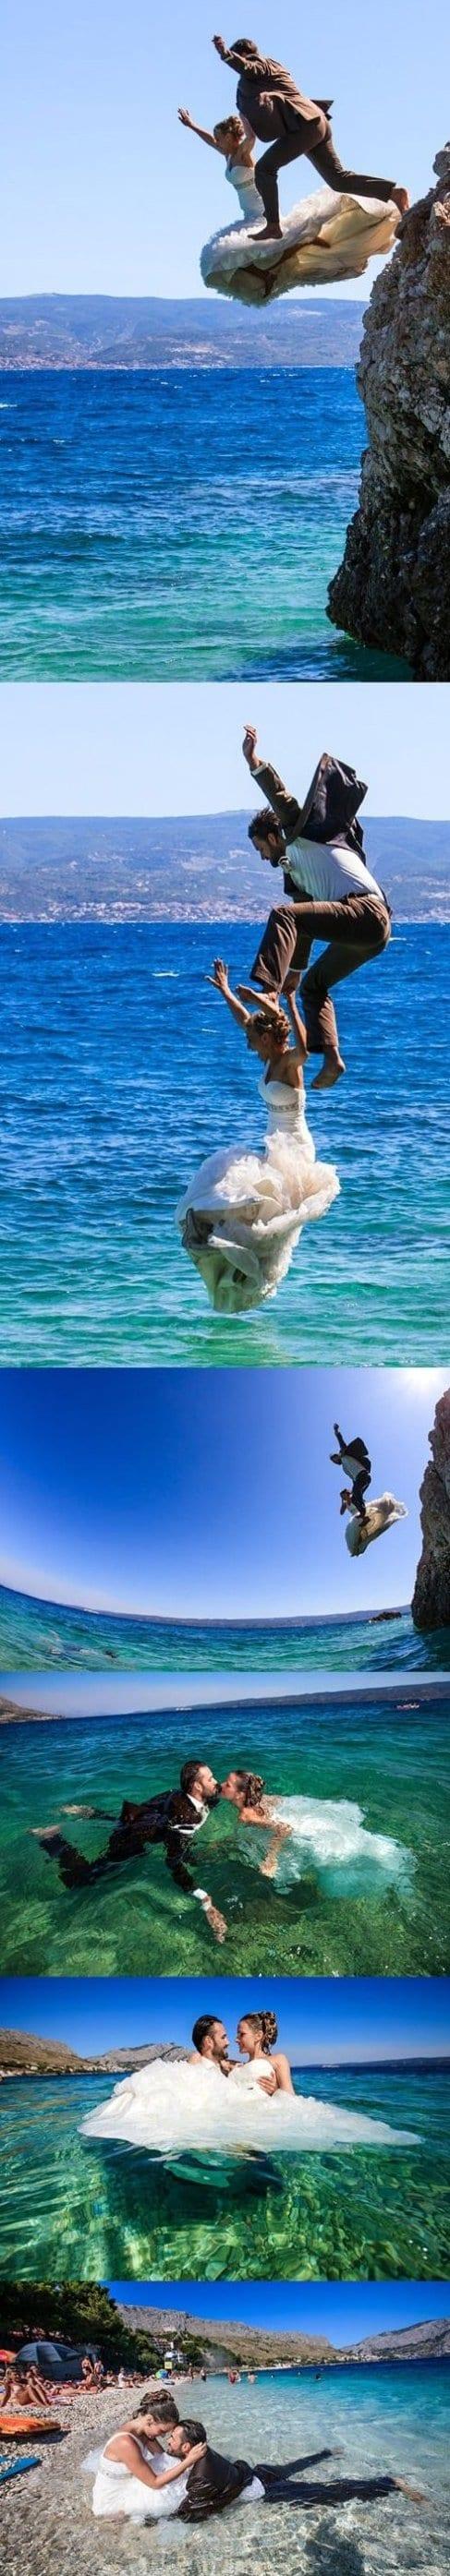 newlyweds-in-croatia-meme-lol